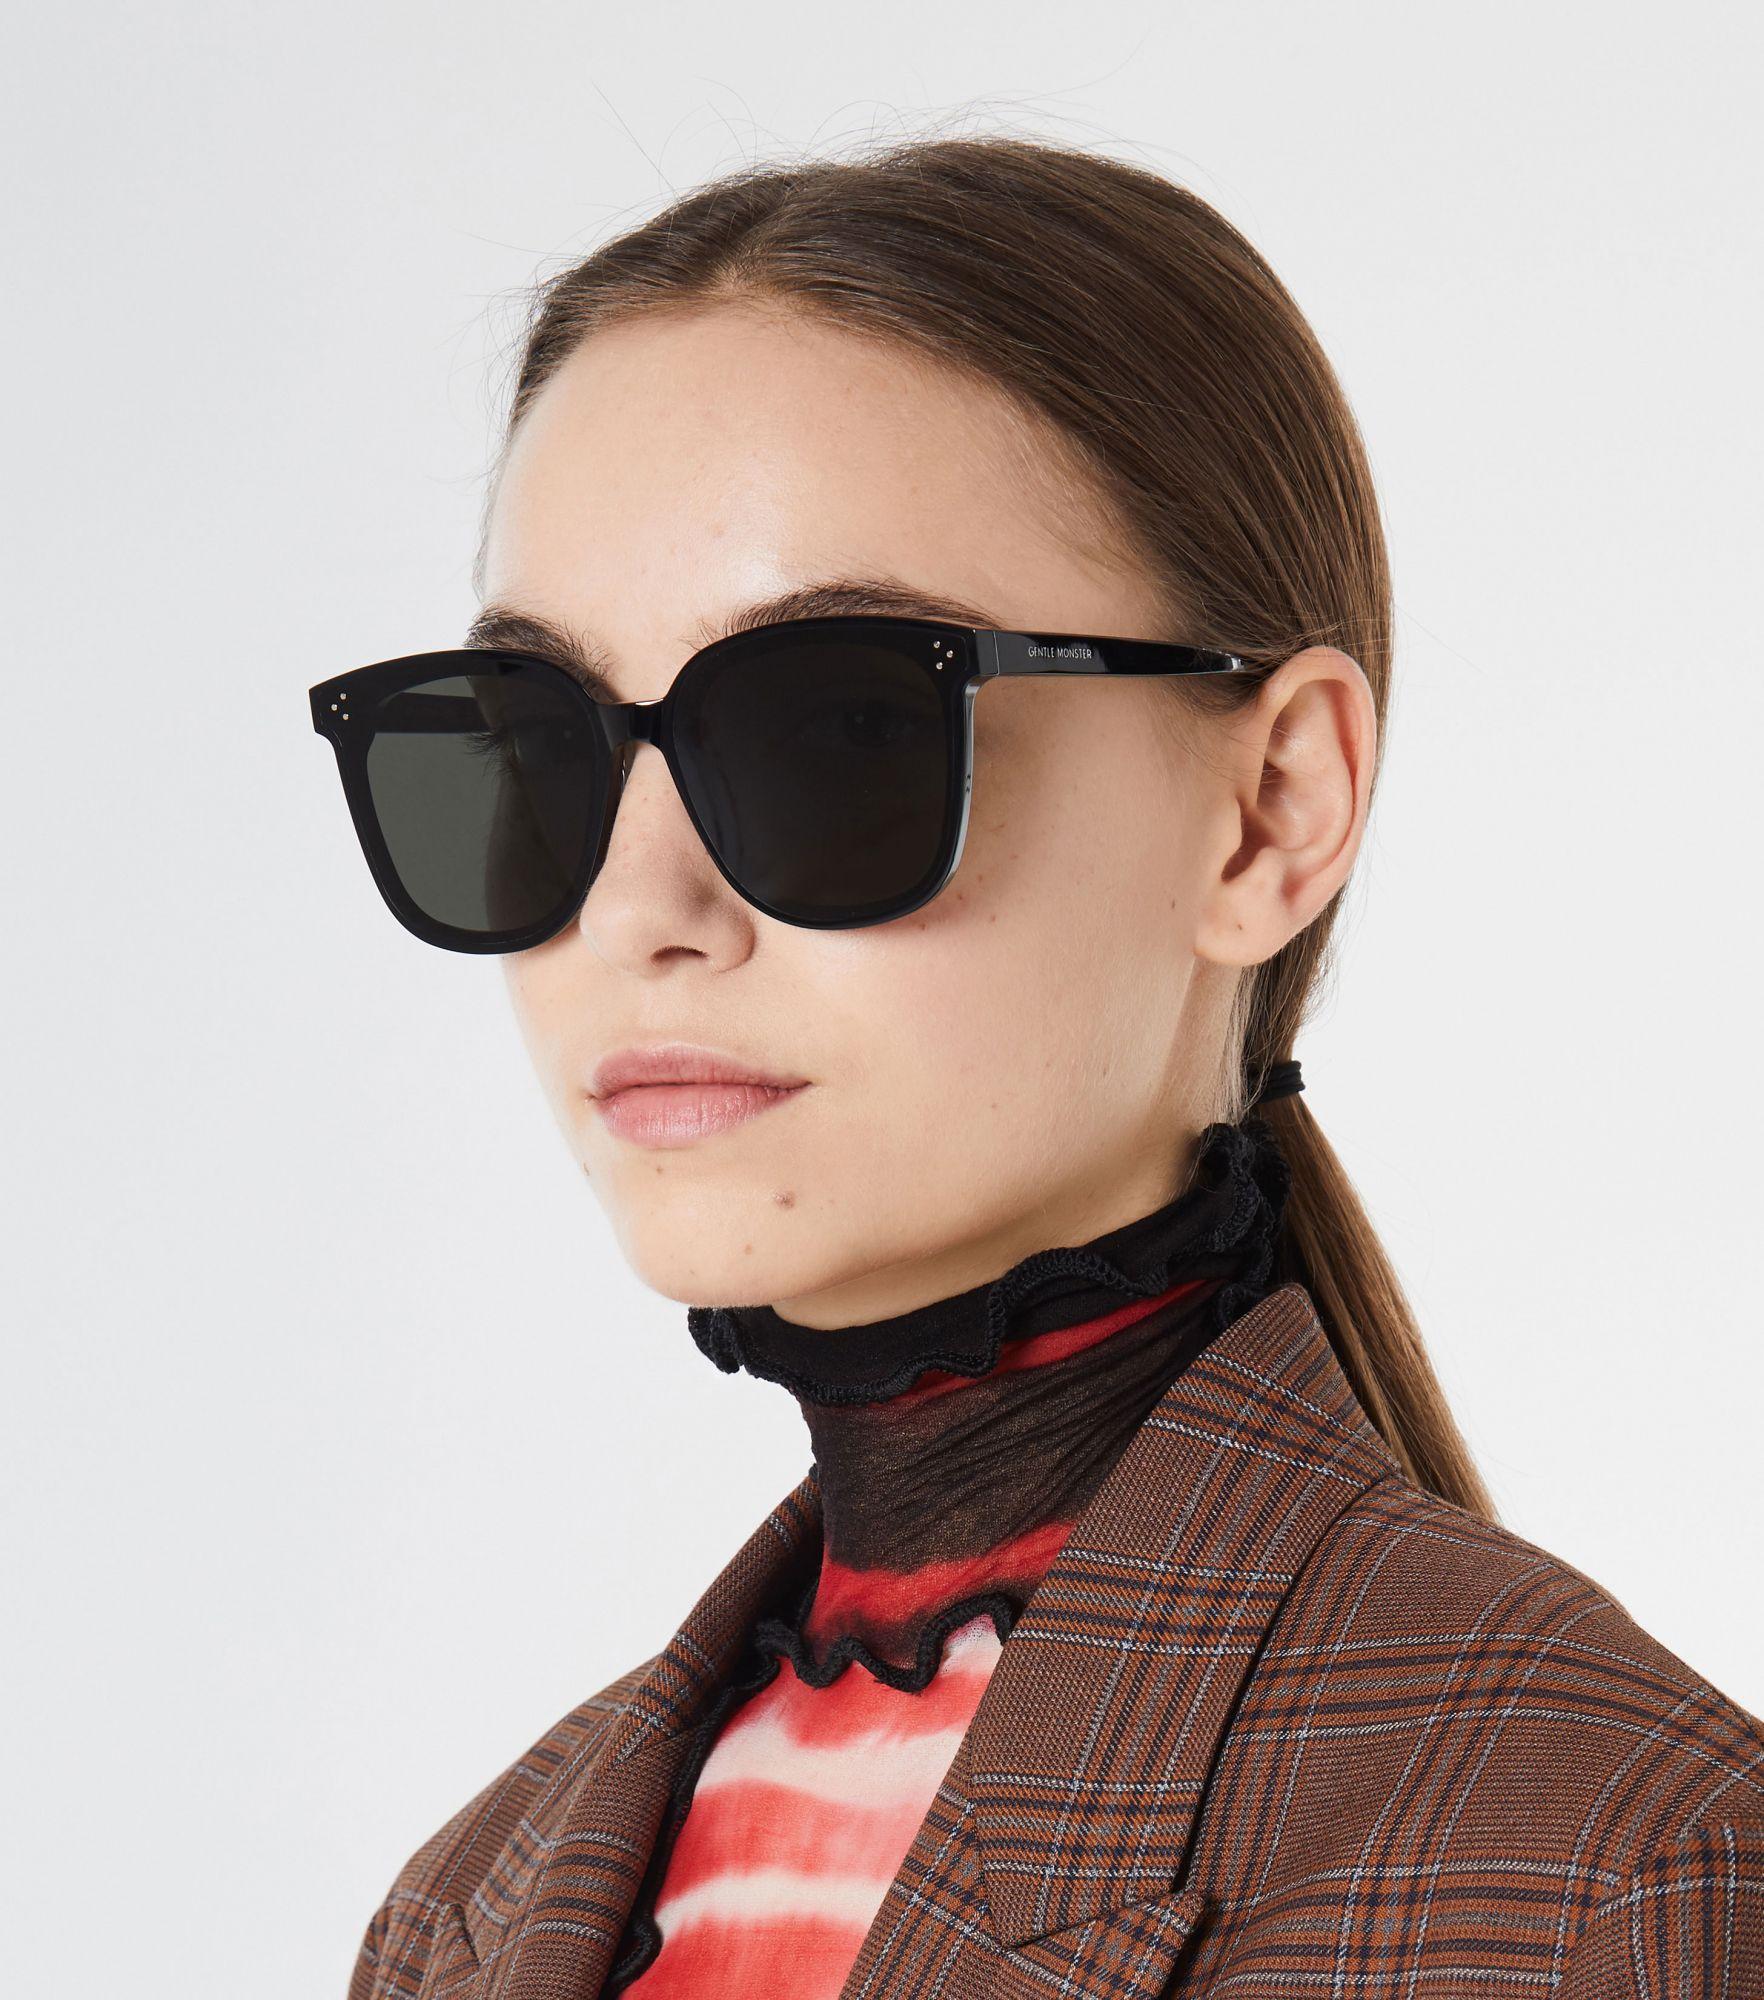 华为与潮牌推出智能眼镜 外媒:对该行业的又一次挑战